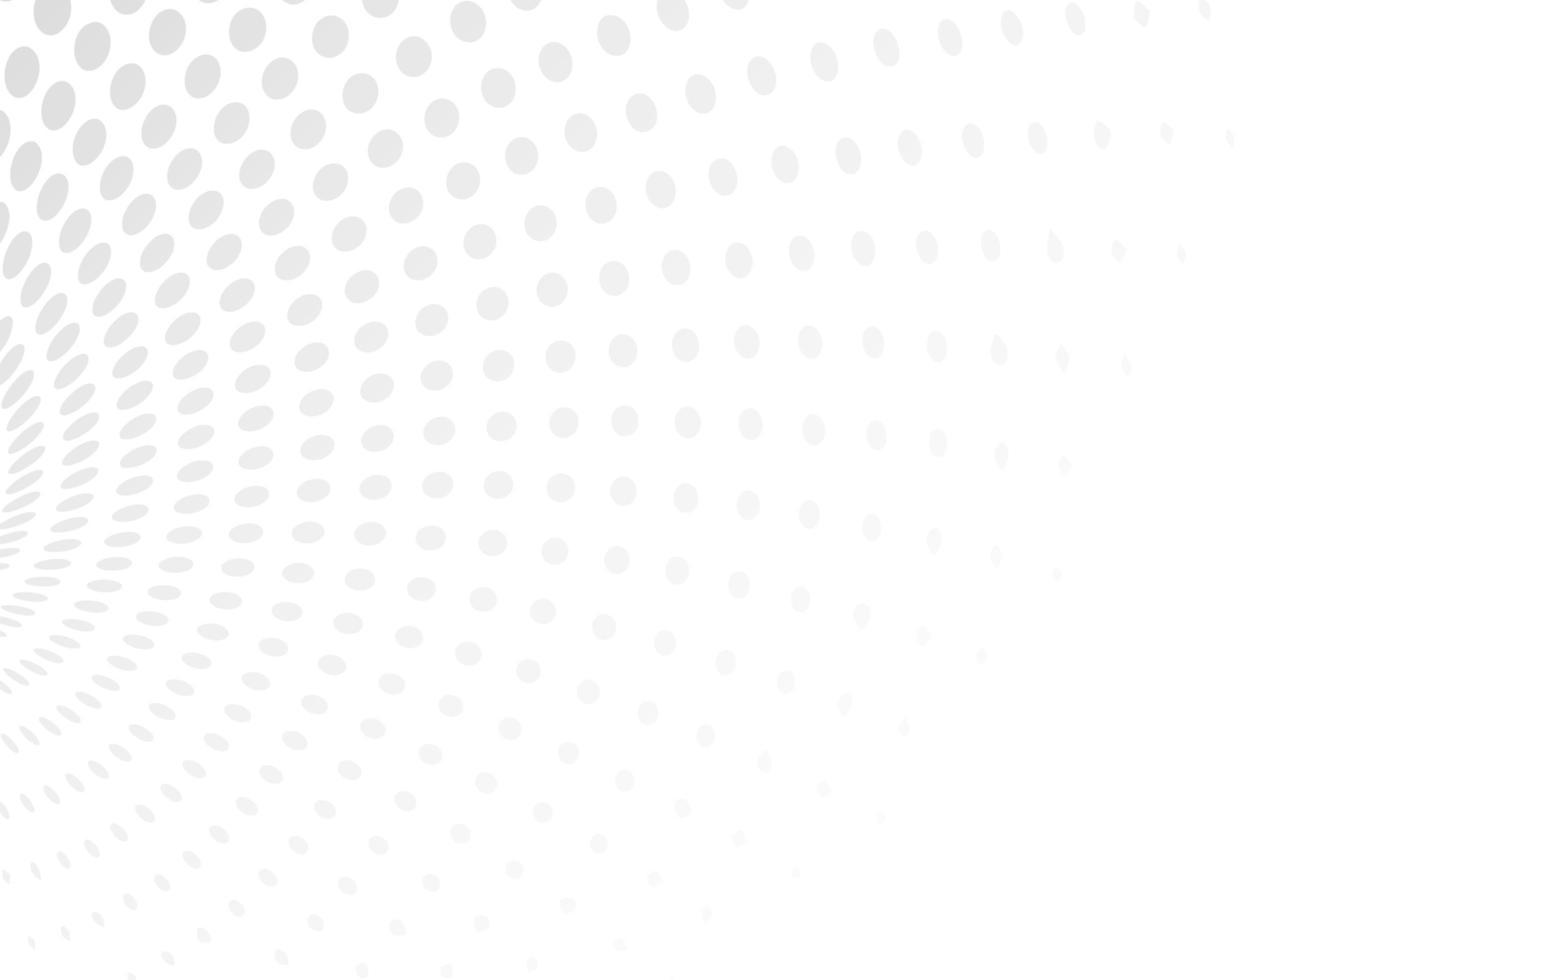 fond géométrique blanc en demi-teinte vecteur